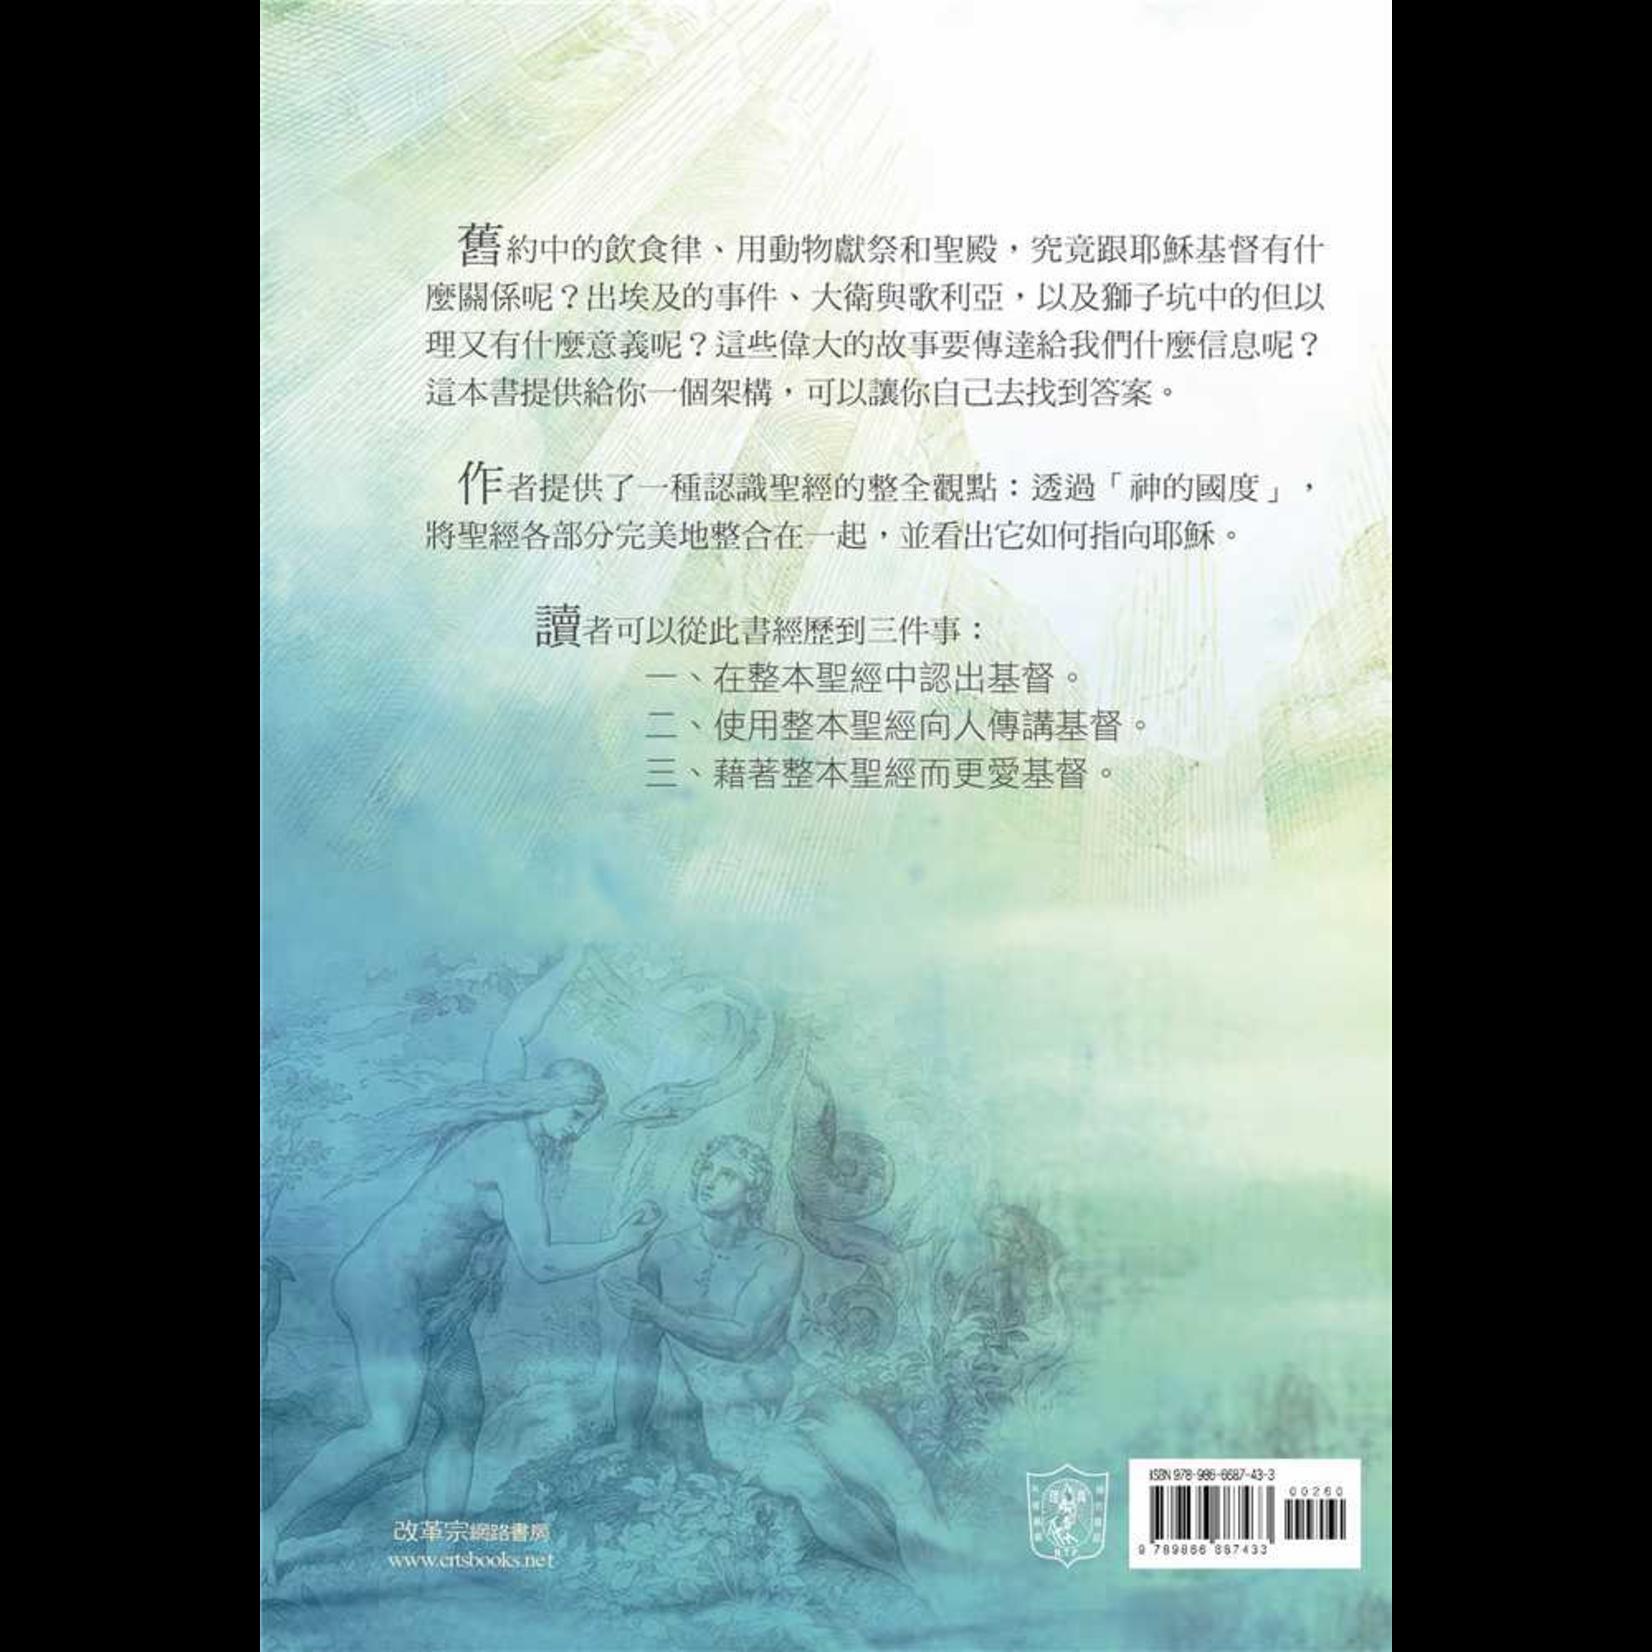 改革宗 Reformation Translation Fellowship Press 上帝的藍圖 God's Big Picture